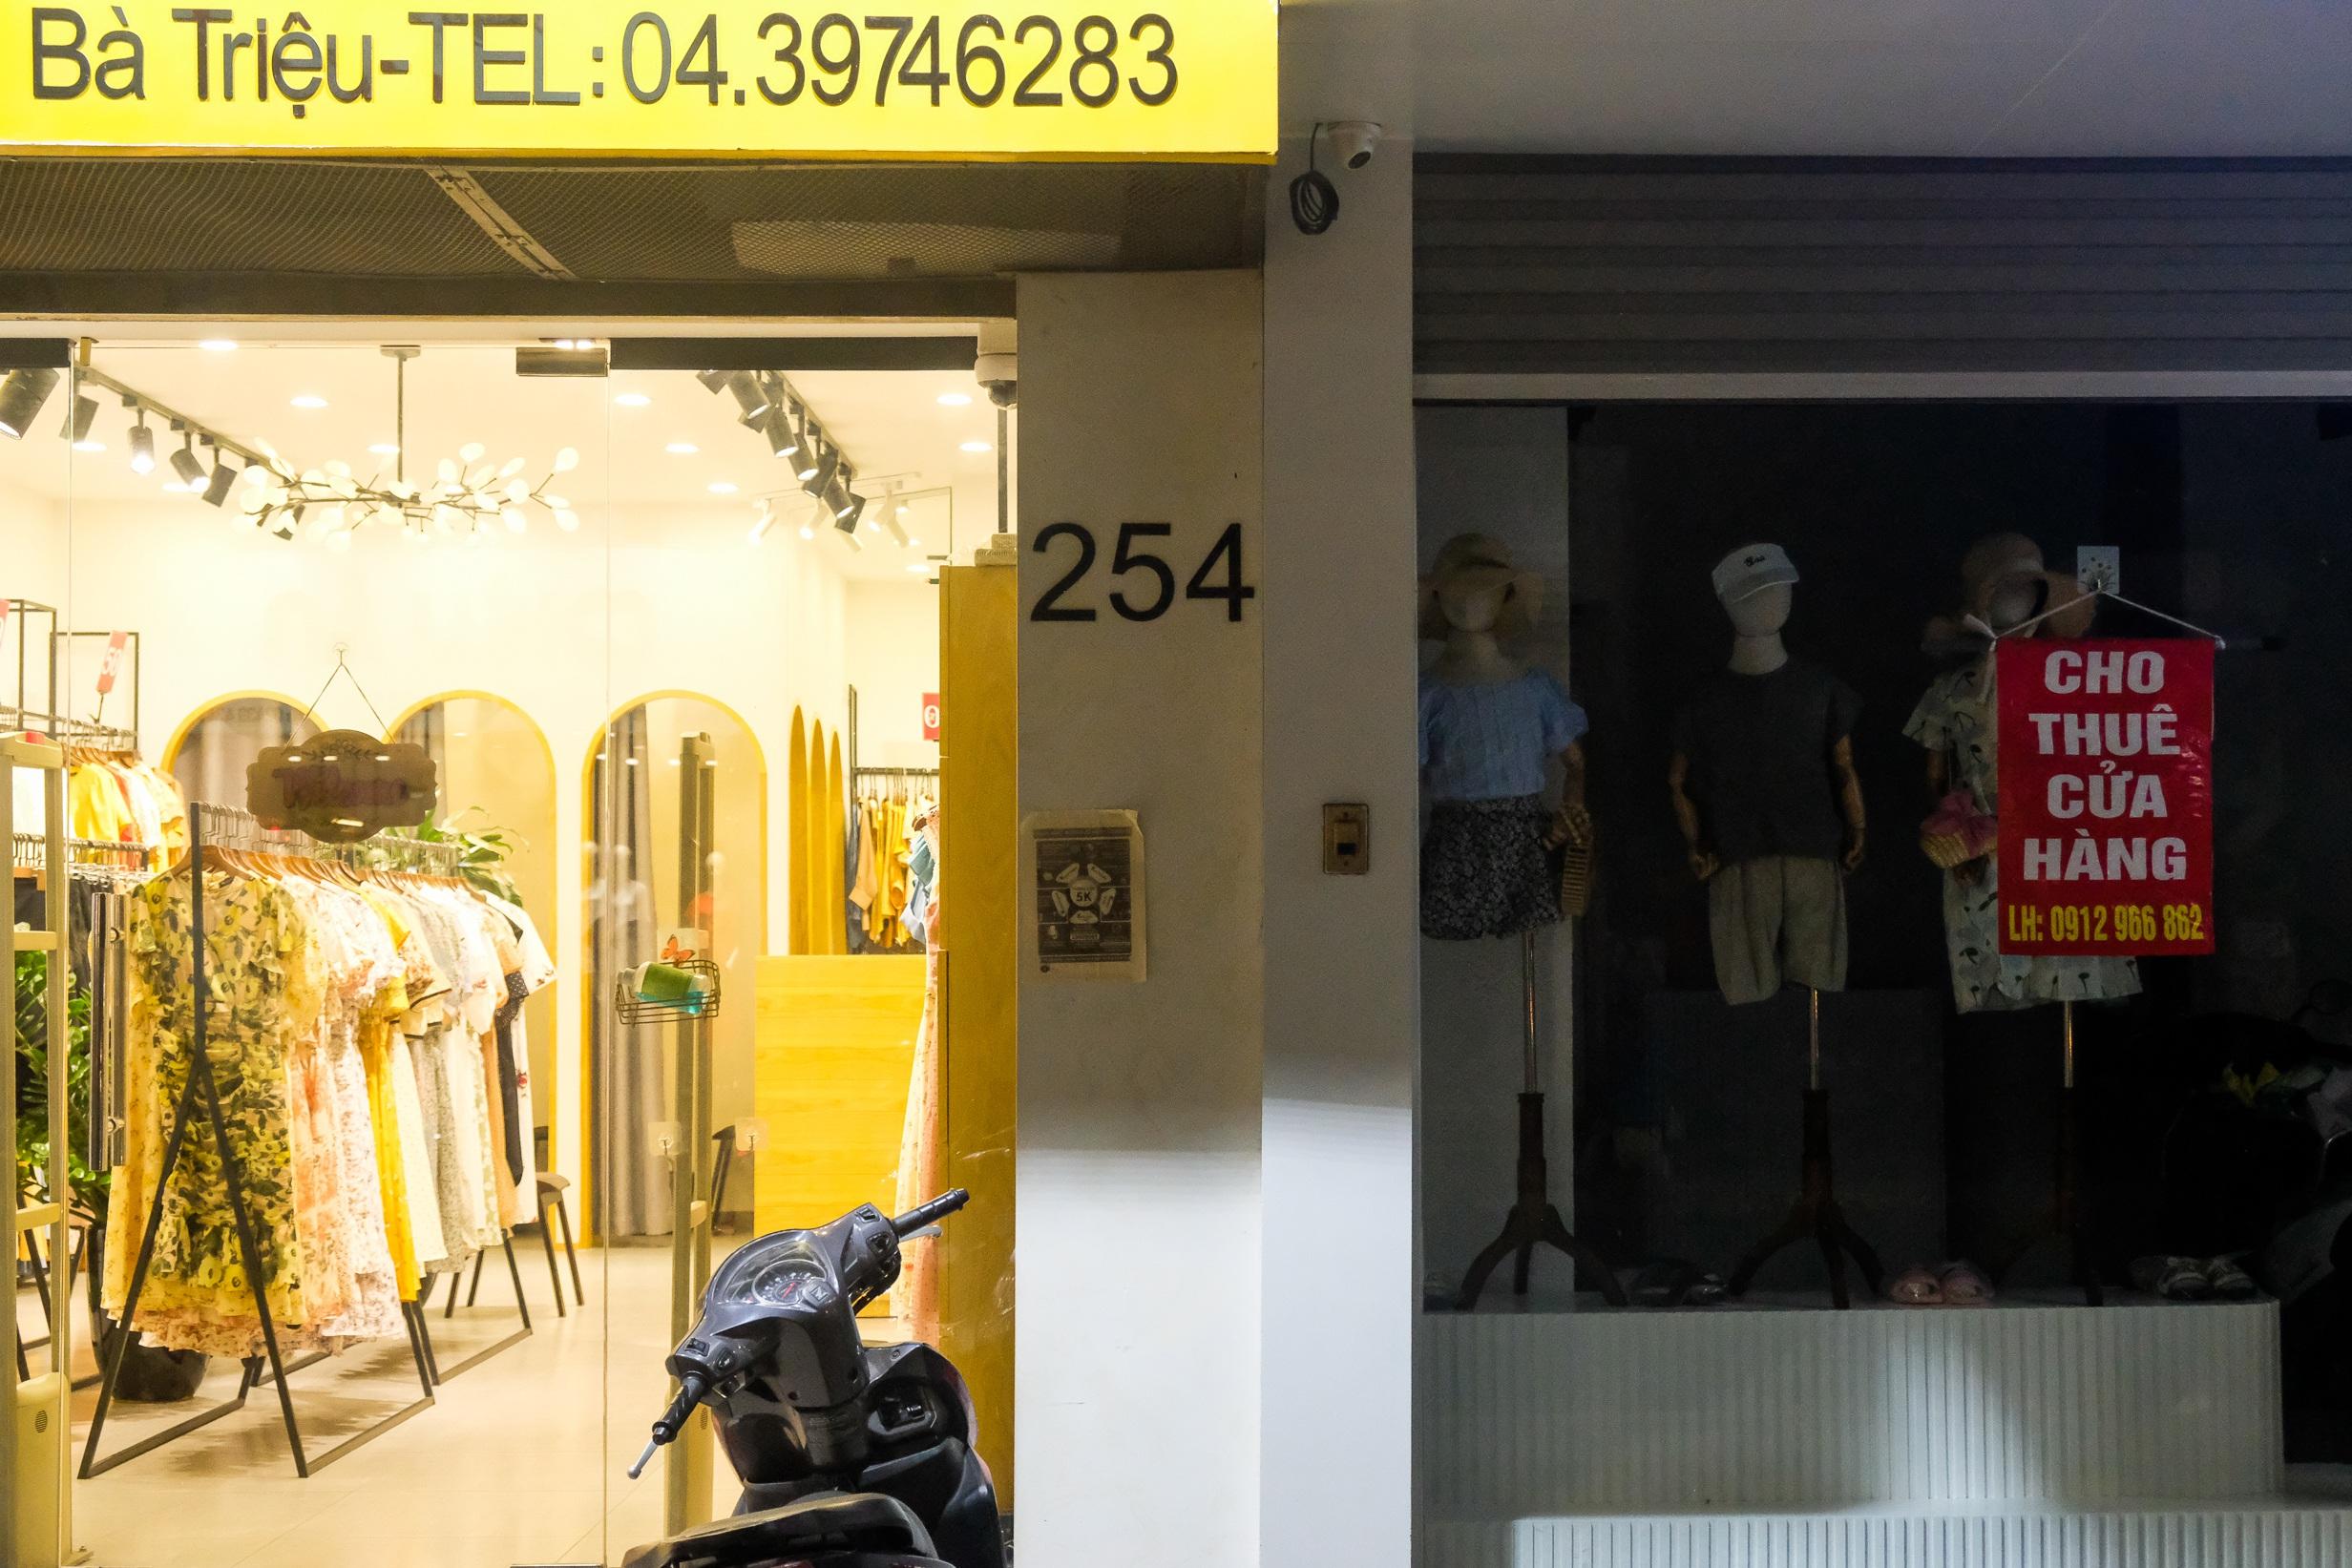 Những con phố thời trang ở Hà Nội: Ngày ế ẩm, tối tắt đèn đi ngủ sớm - 7